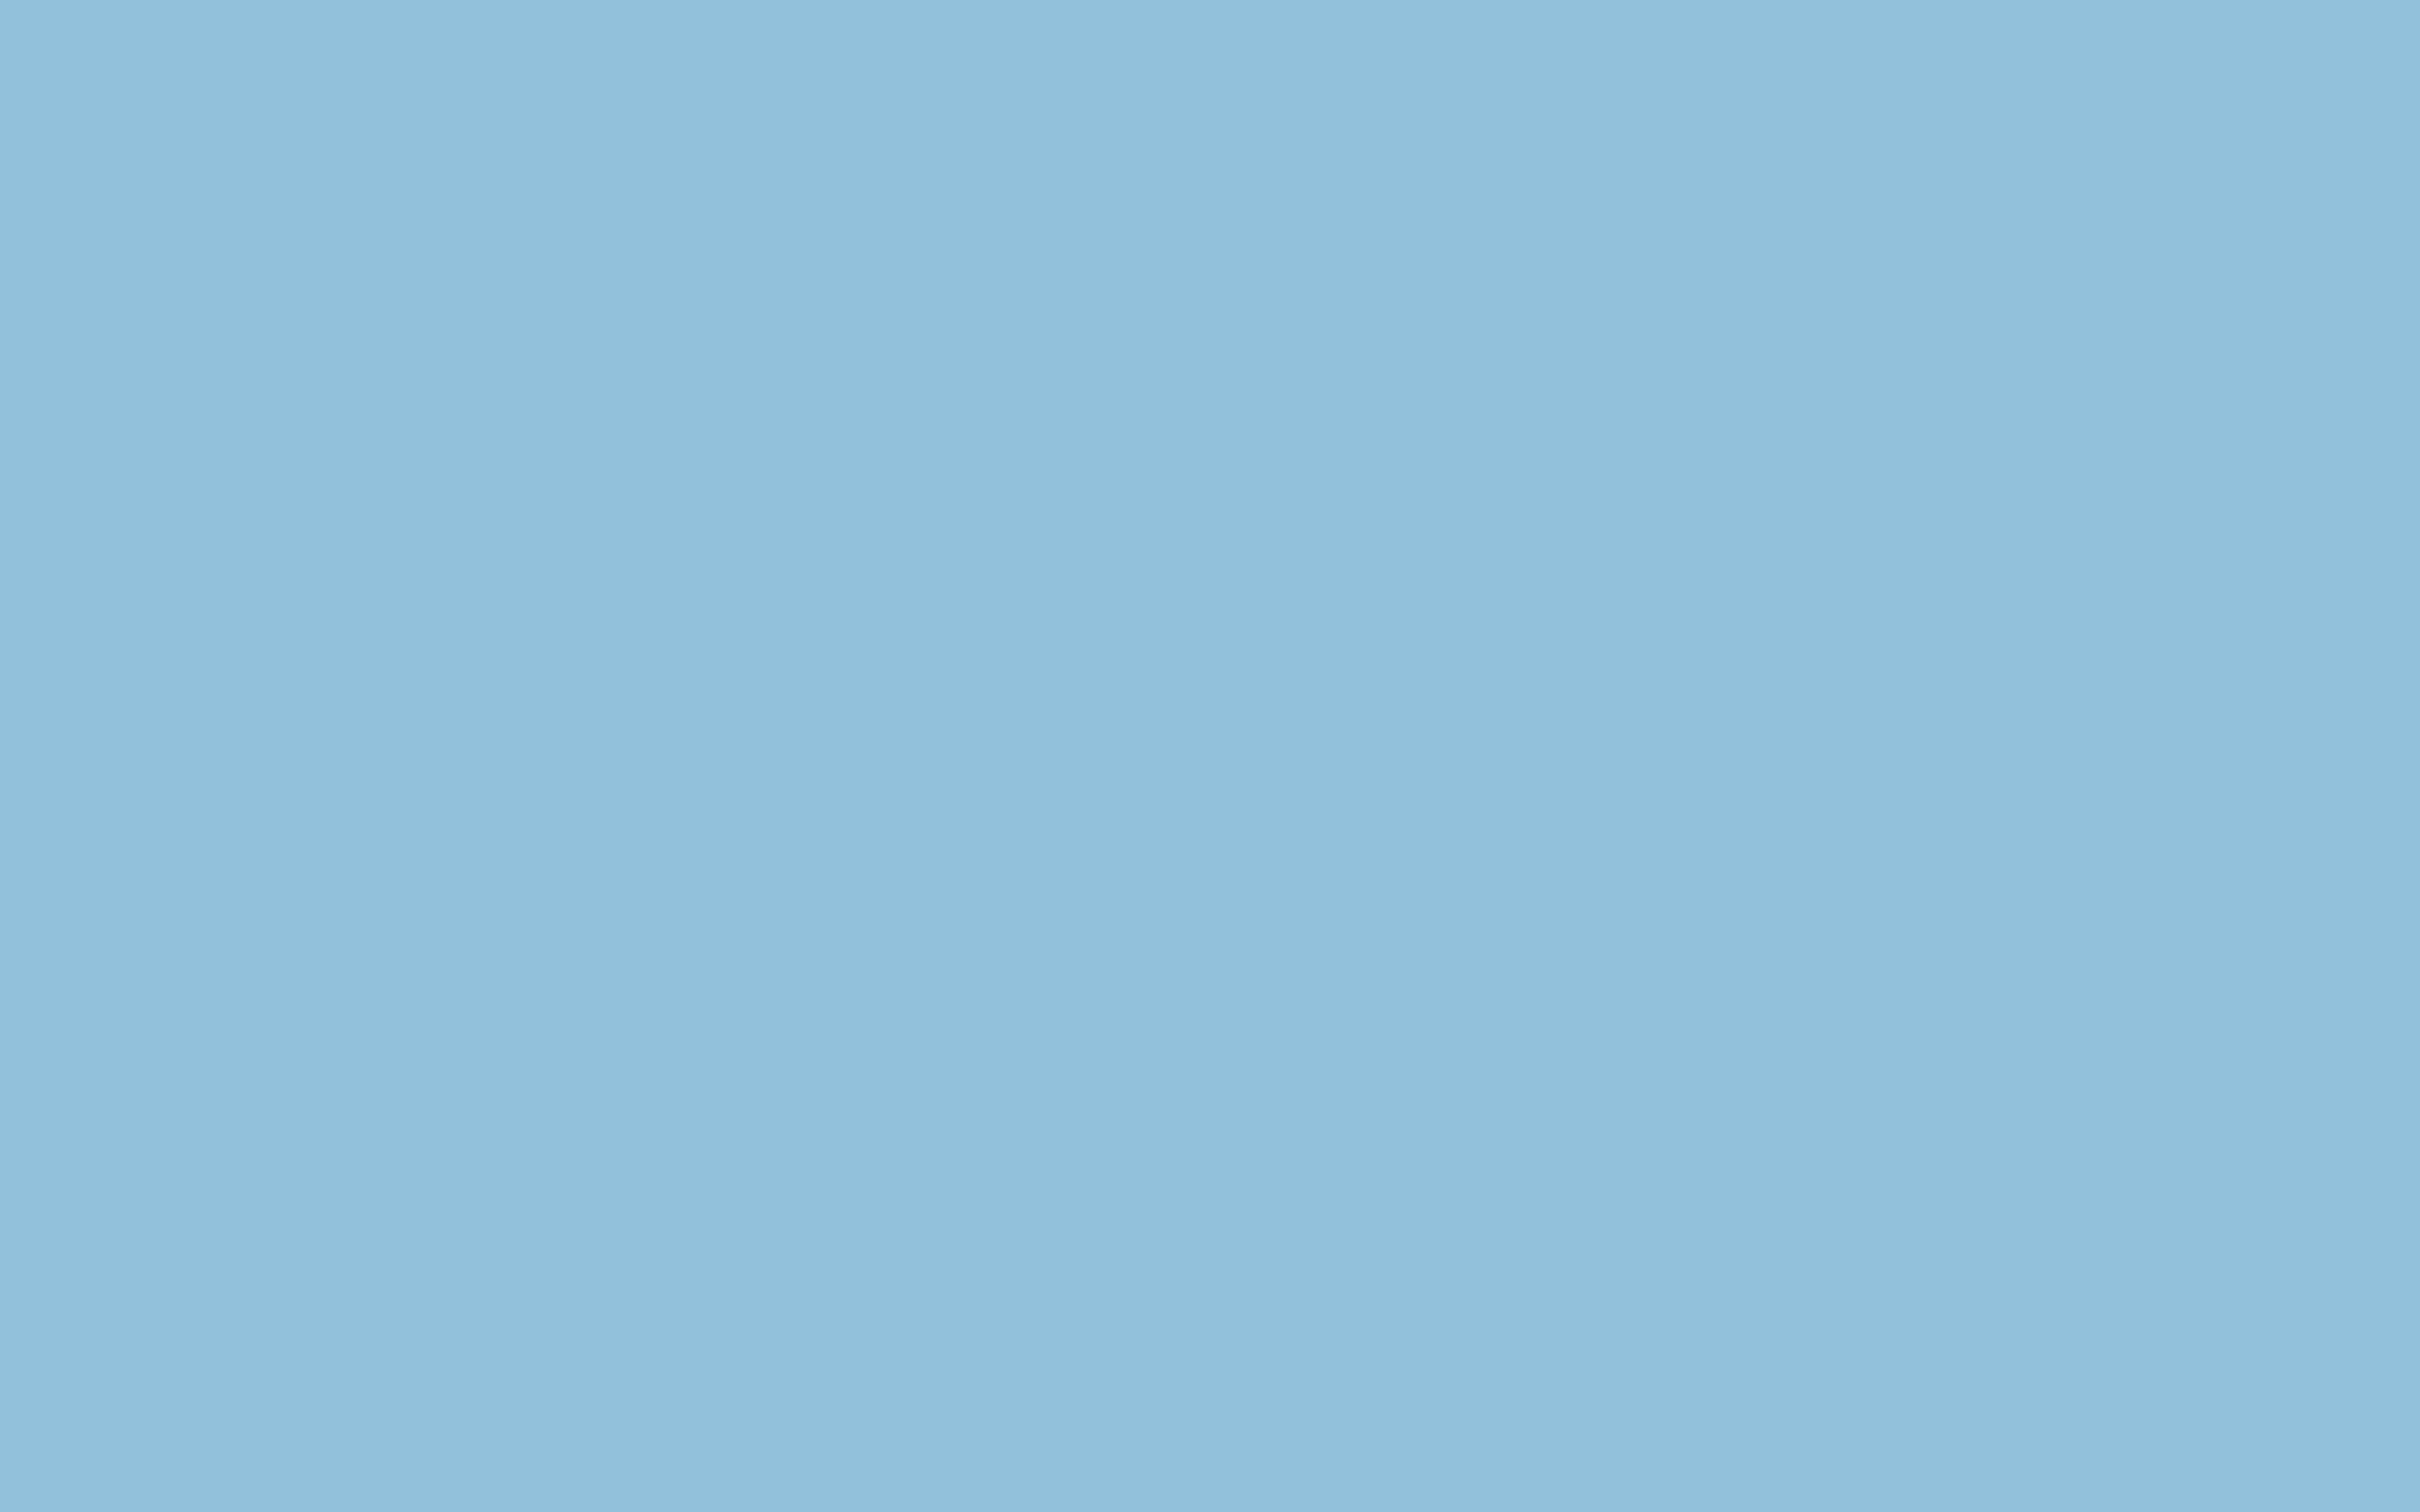 light blue wallpapers. Black Bedroom Furniture Sets. Home Design Ideas